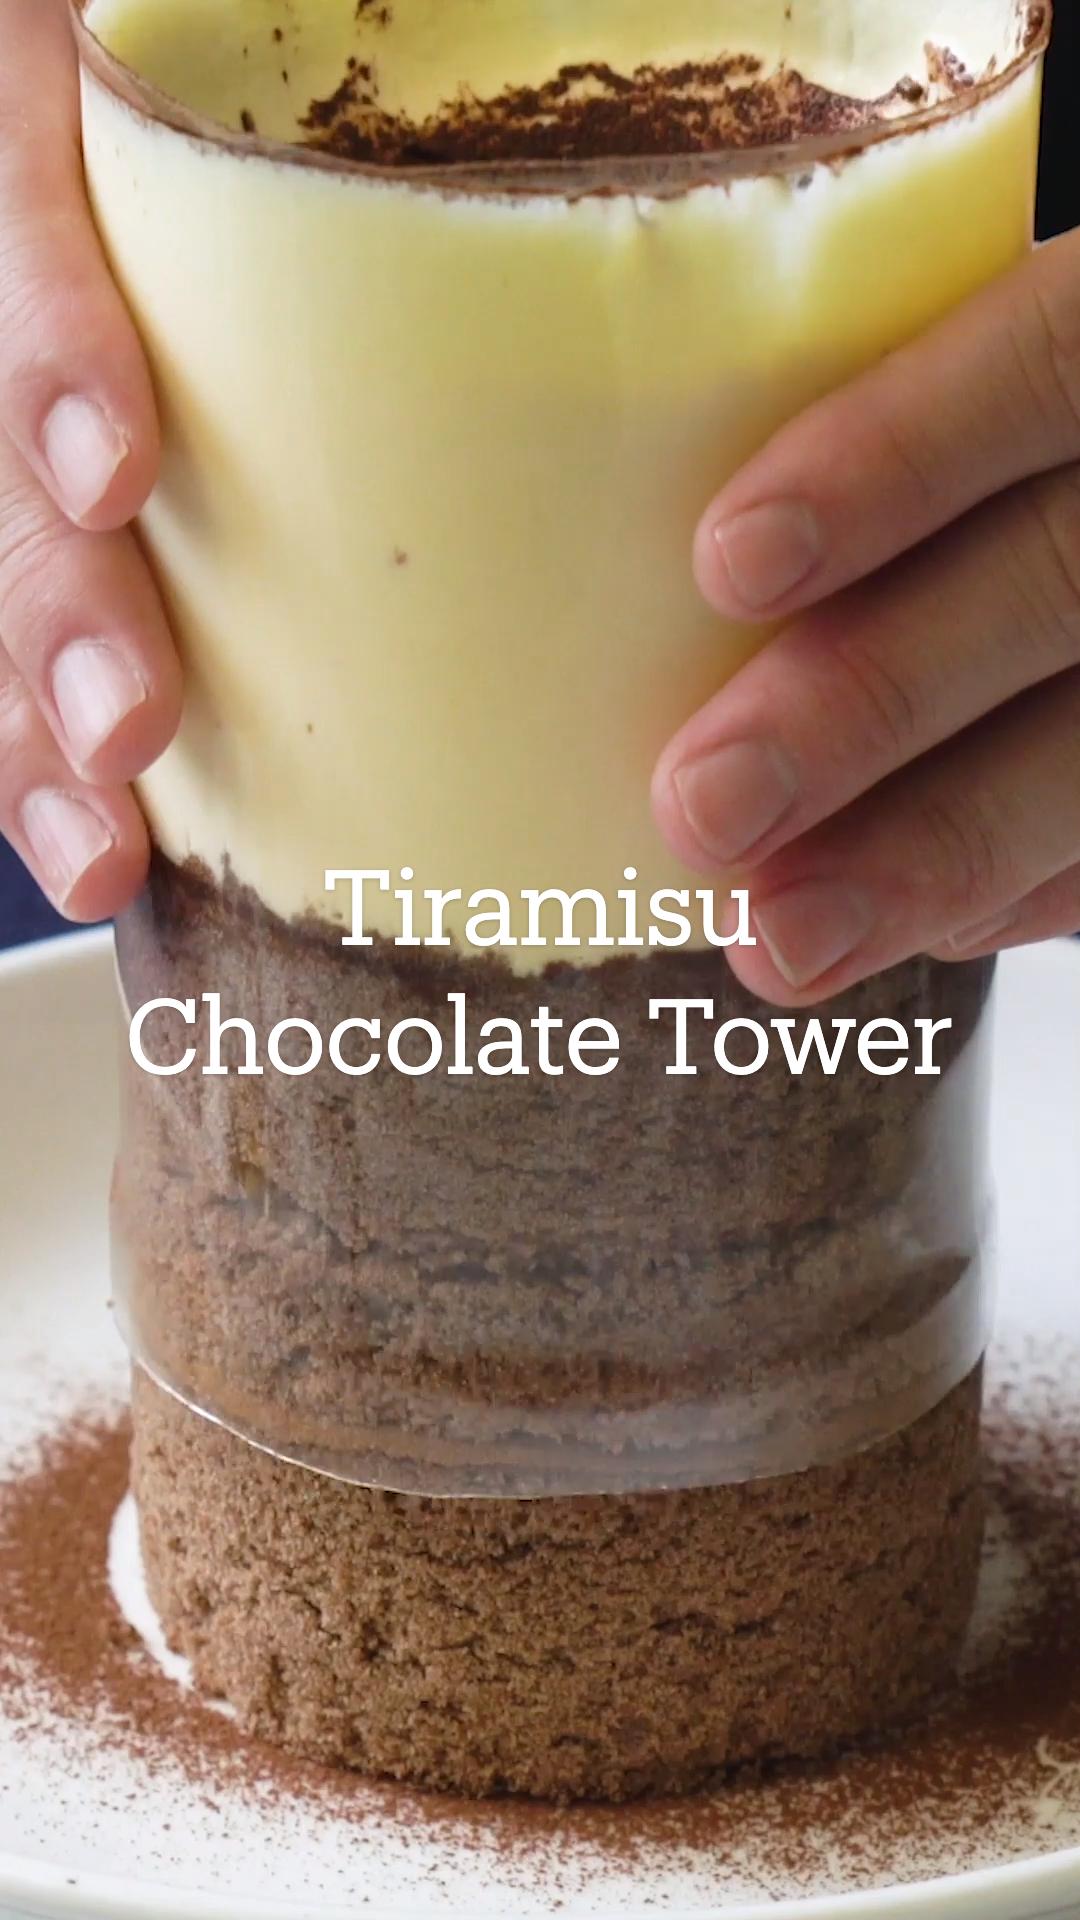 Tiramisu Chocolate Tower